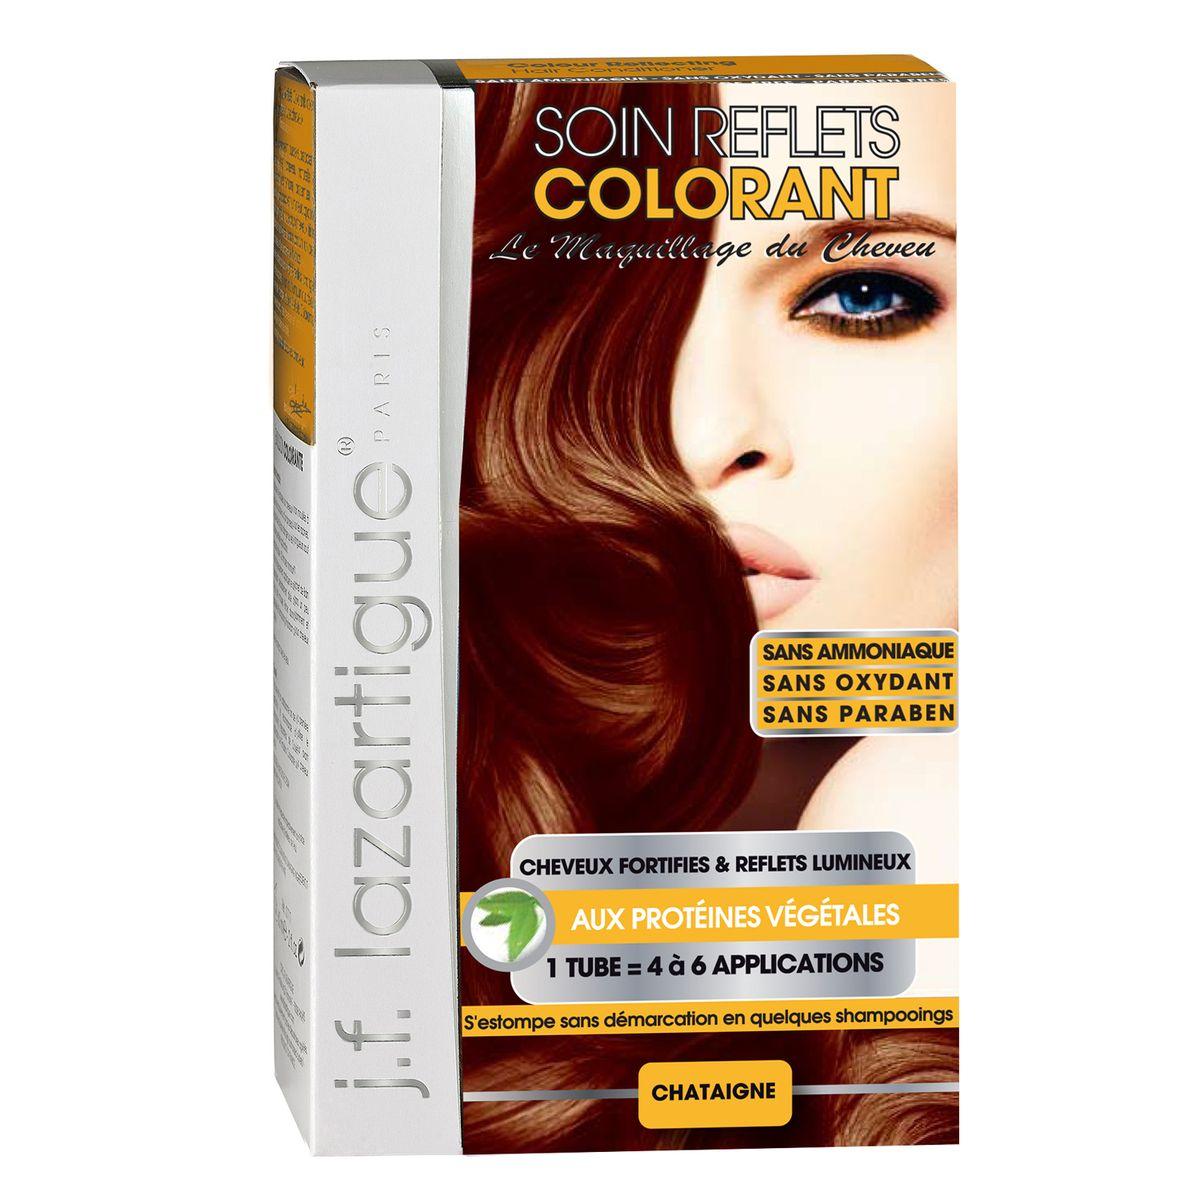 J.F.Lazartigue Оттеночный кондиционер для волос Каштан 100 мл61629Оттеночный кондиционер J.F.LAZARTIGUE – это лечебный макияж для Ваших волос. Два эффекта: кондиционирование волос и легкий оттенок. Особенности: придает новый или более теплый (или холодный) оттенок, делает тон темнее или акцентирует цвет, оживляет естественный цвет или придает яркость тусклым и выцветшим на солнце волосам. Закрашивает небольшой процент седины! После мытья волос шампунем (3-6 раз) смывается. Для достижения индивидуального оттенка можно смешать два разных кондиционера: добавить к выбранному ТЕМНЫЙ РЫЖИЙ (Auburn), МЕДНЫЙ (Copper) и т.п. Не осветляет волосы. Не содержит аммиака и перекиси водорода. Не содержит парабенов. Не предназначен для окрашивания бровей и ресниц.